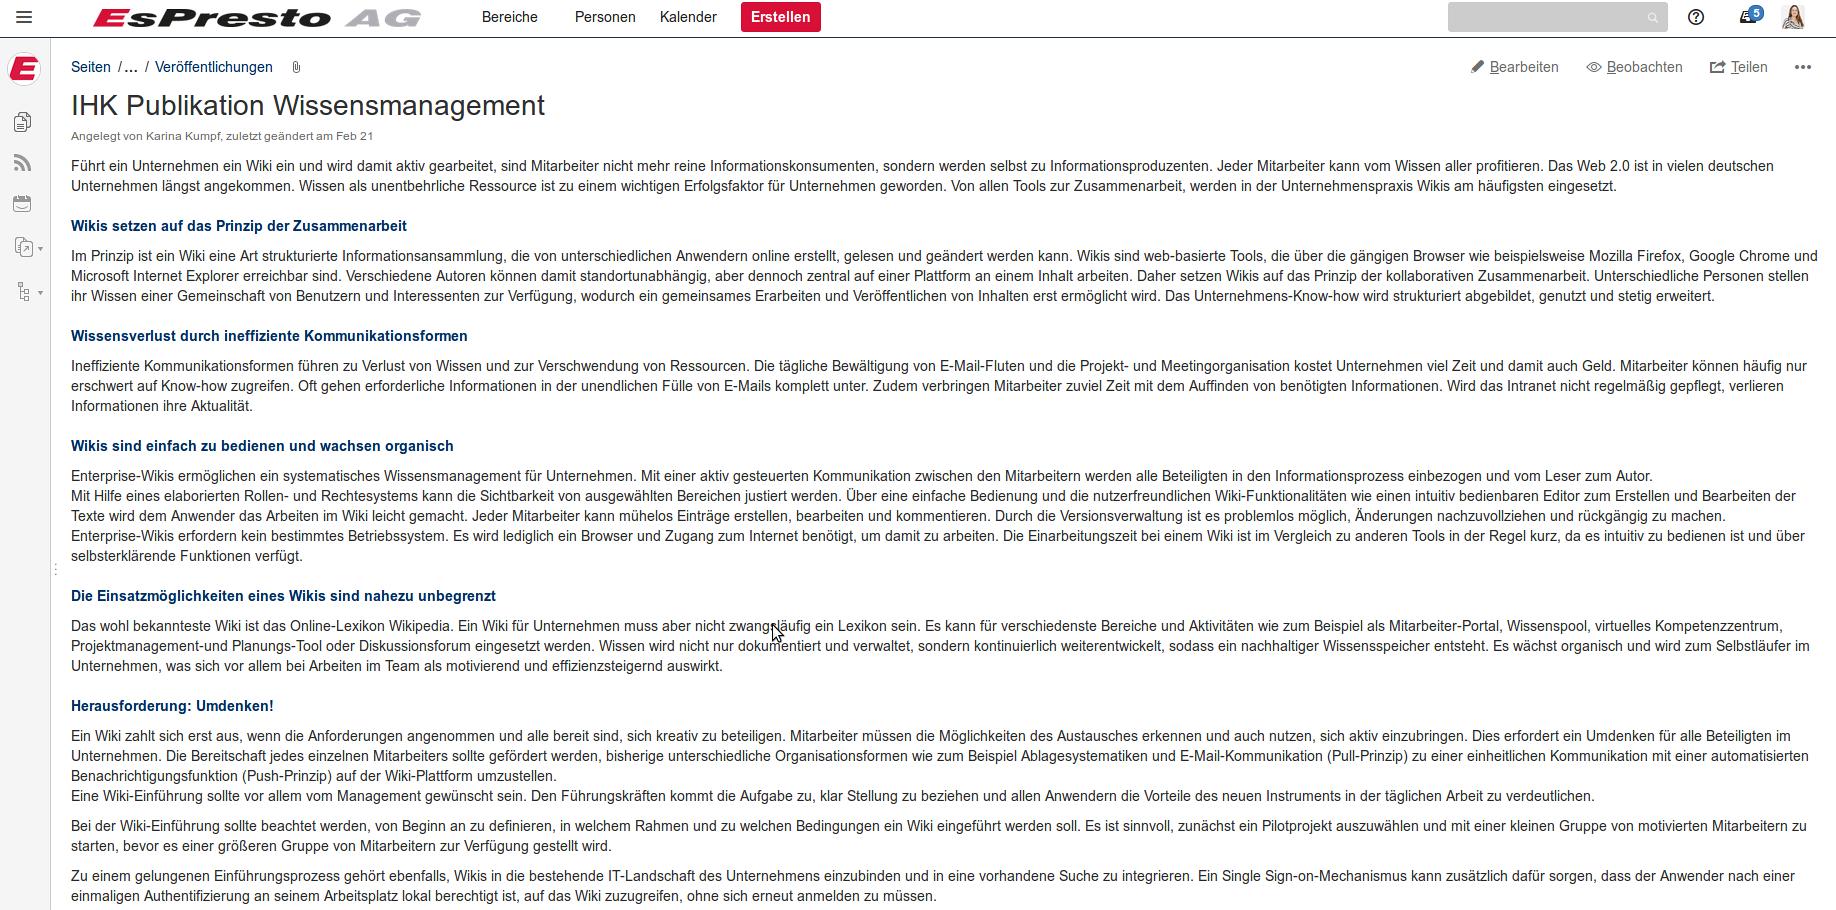 Scroll Office - Dokumentenerstellung mit Confluence leicht gemacht ...